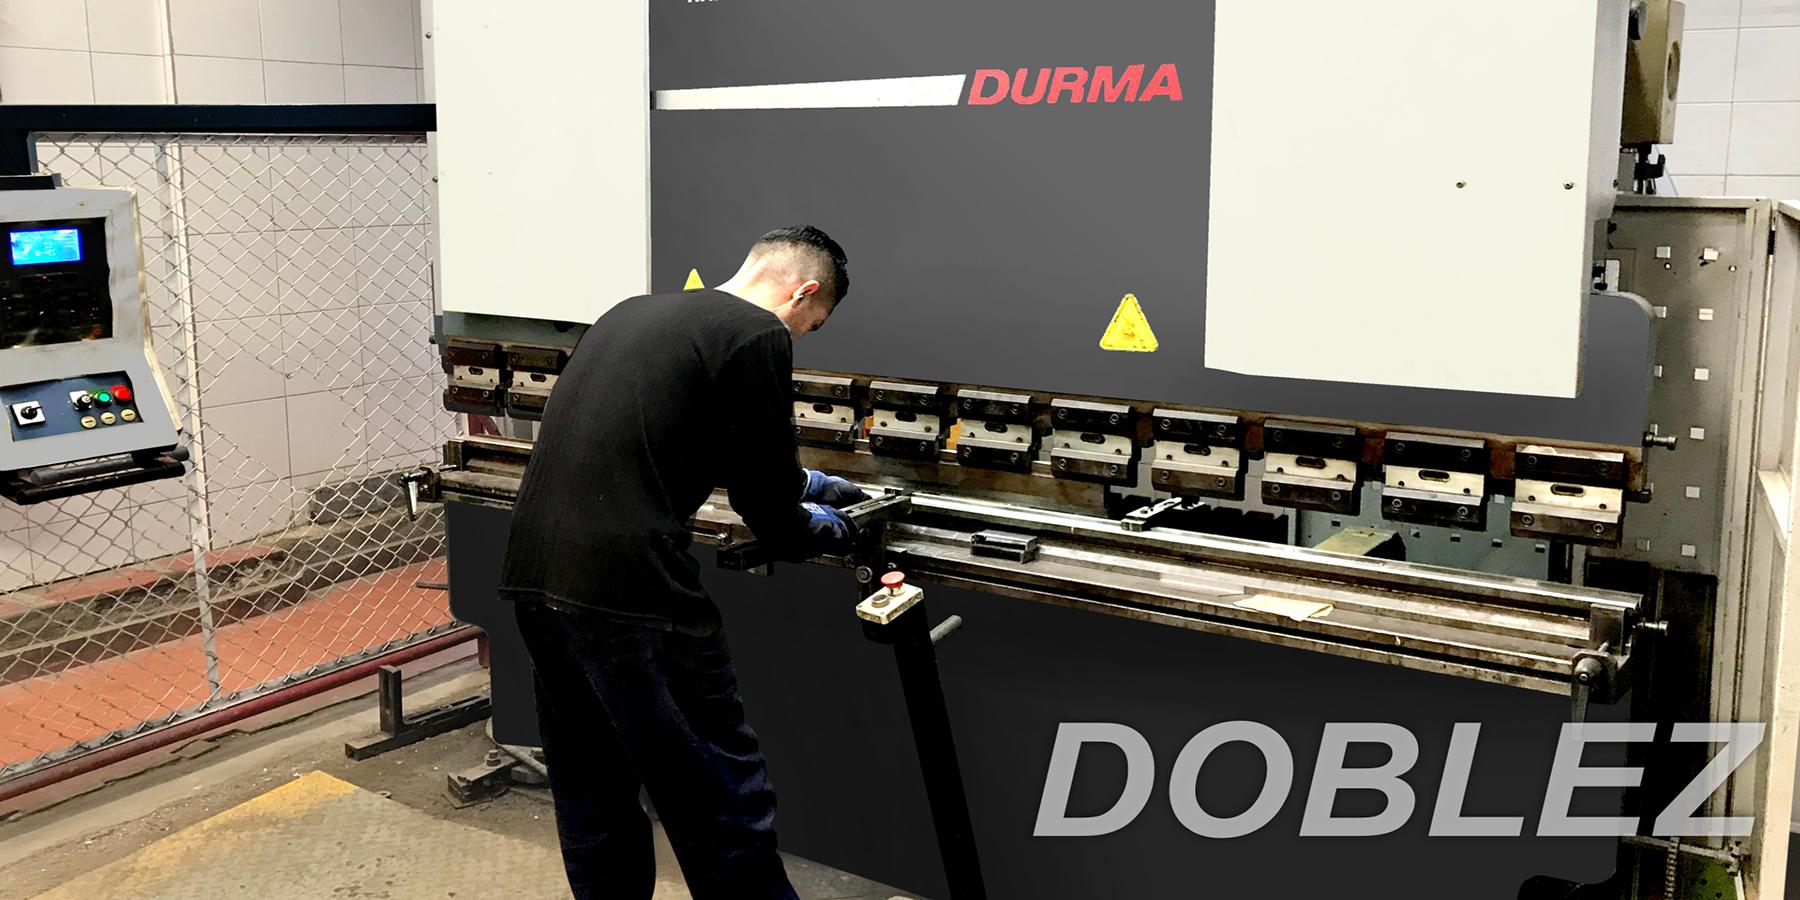 DOBLEZ-DURMA-1800x900